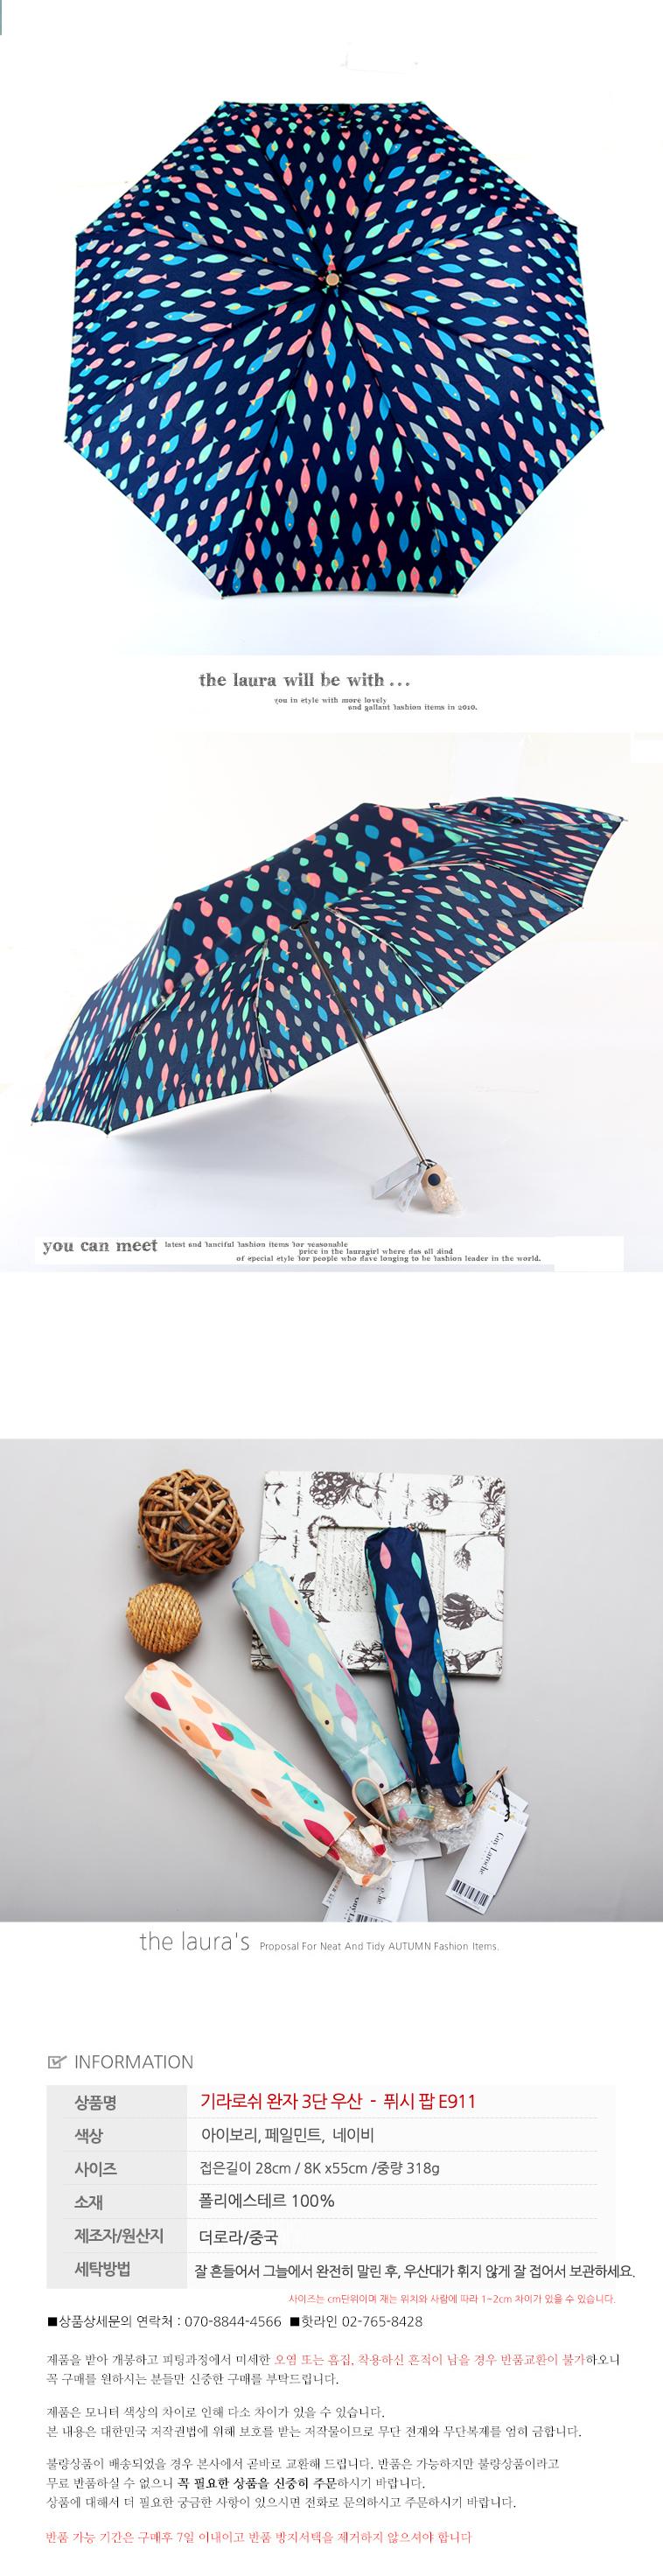 기라쉬 완자 3단 우산 - 피쉬팝 E911 - 더 로라, 18,900원, 우산, 자동3단/5단우산